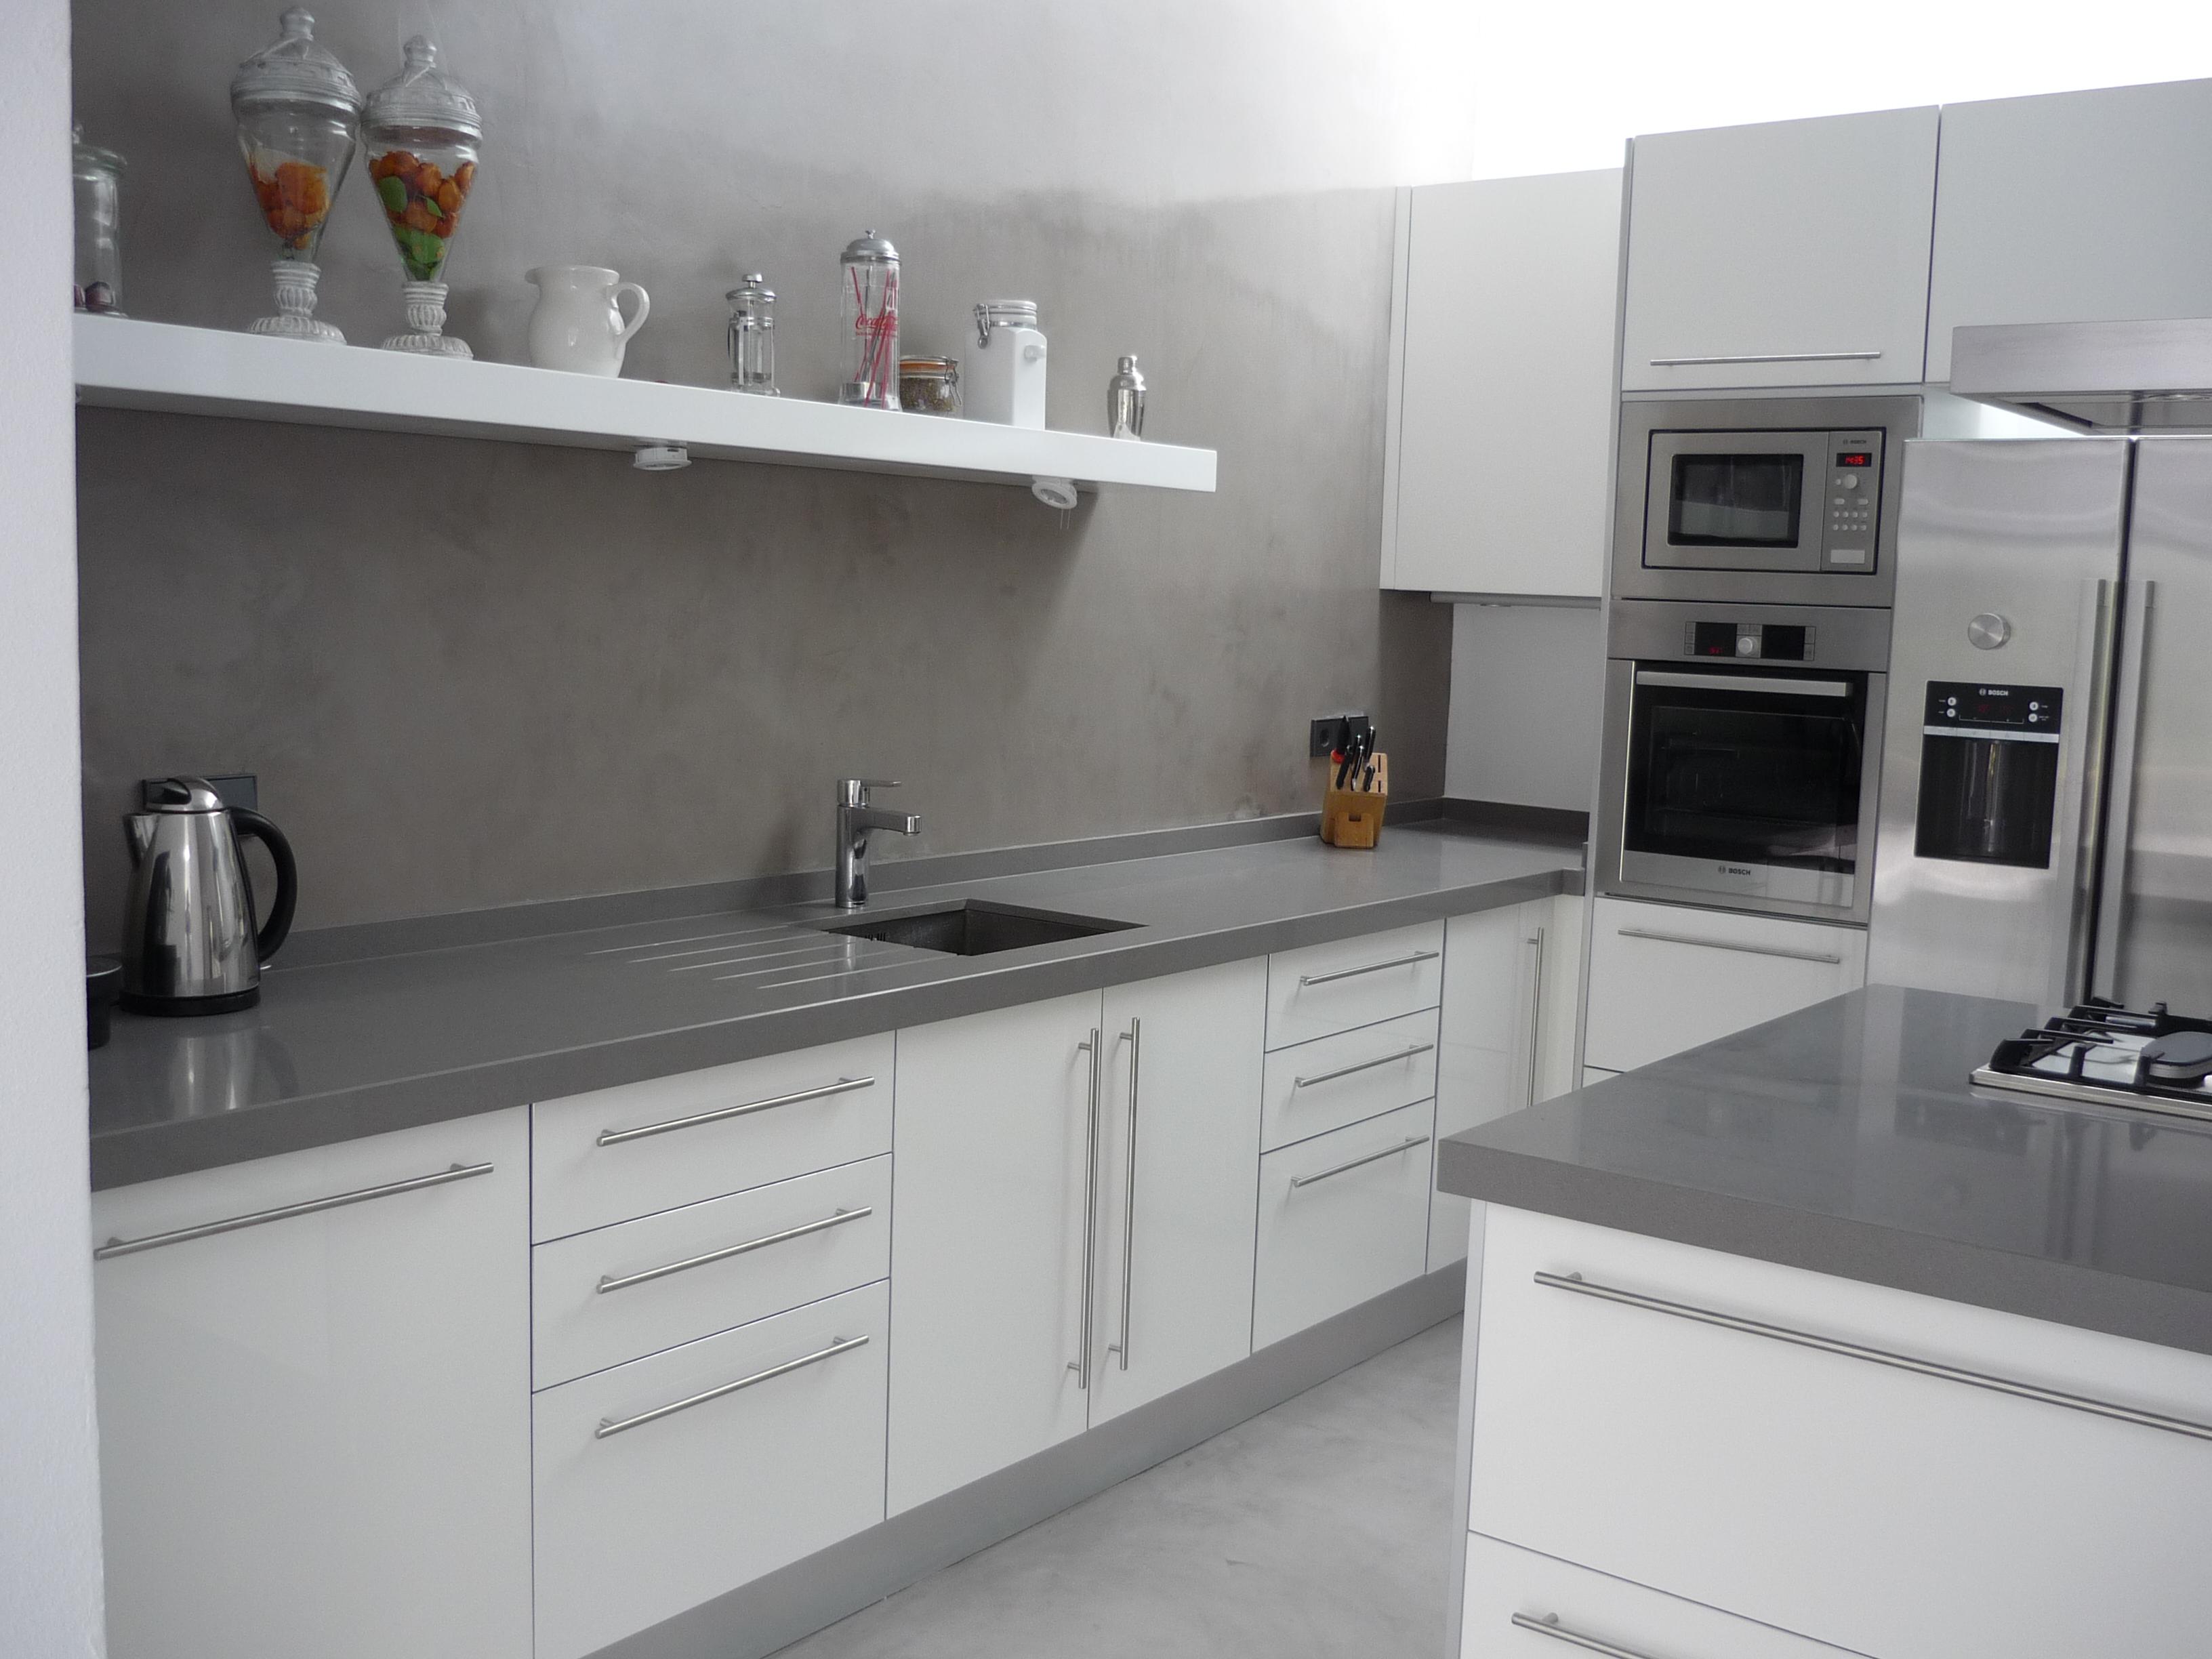 Cocina eivicuines acrilux blanco brillo eivicuines eva for Cocinas blancas con electrodomesticos blancos